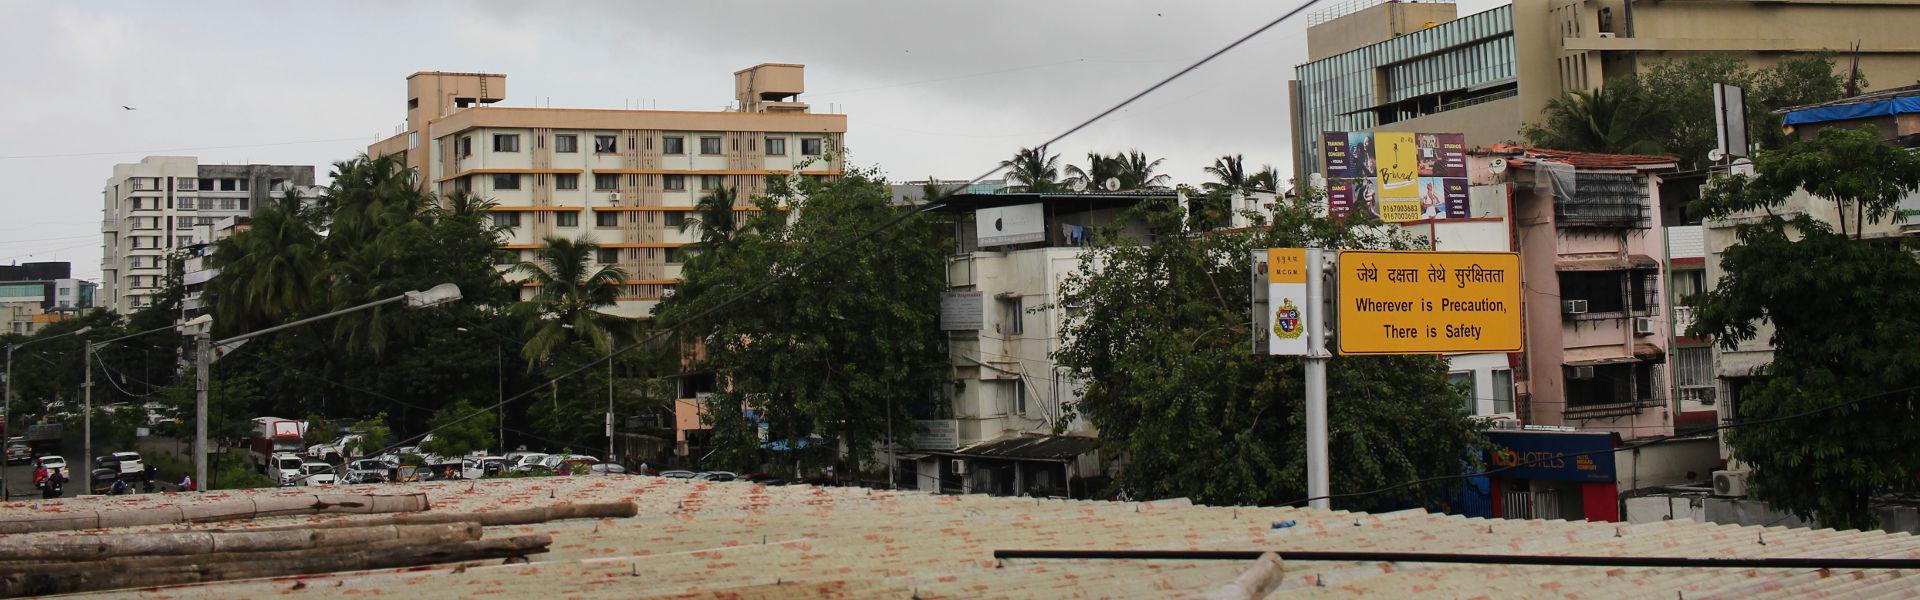 Andheri, Mumbai